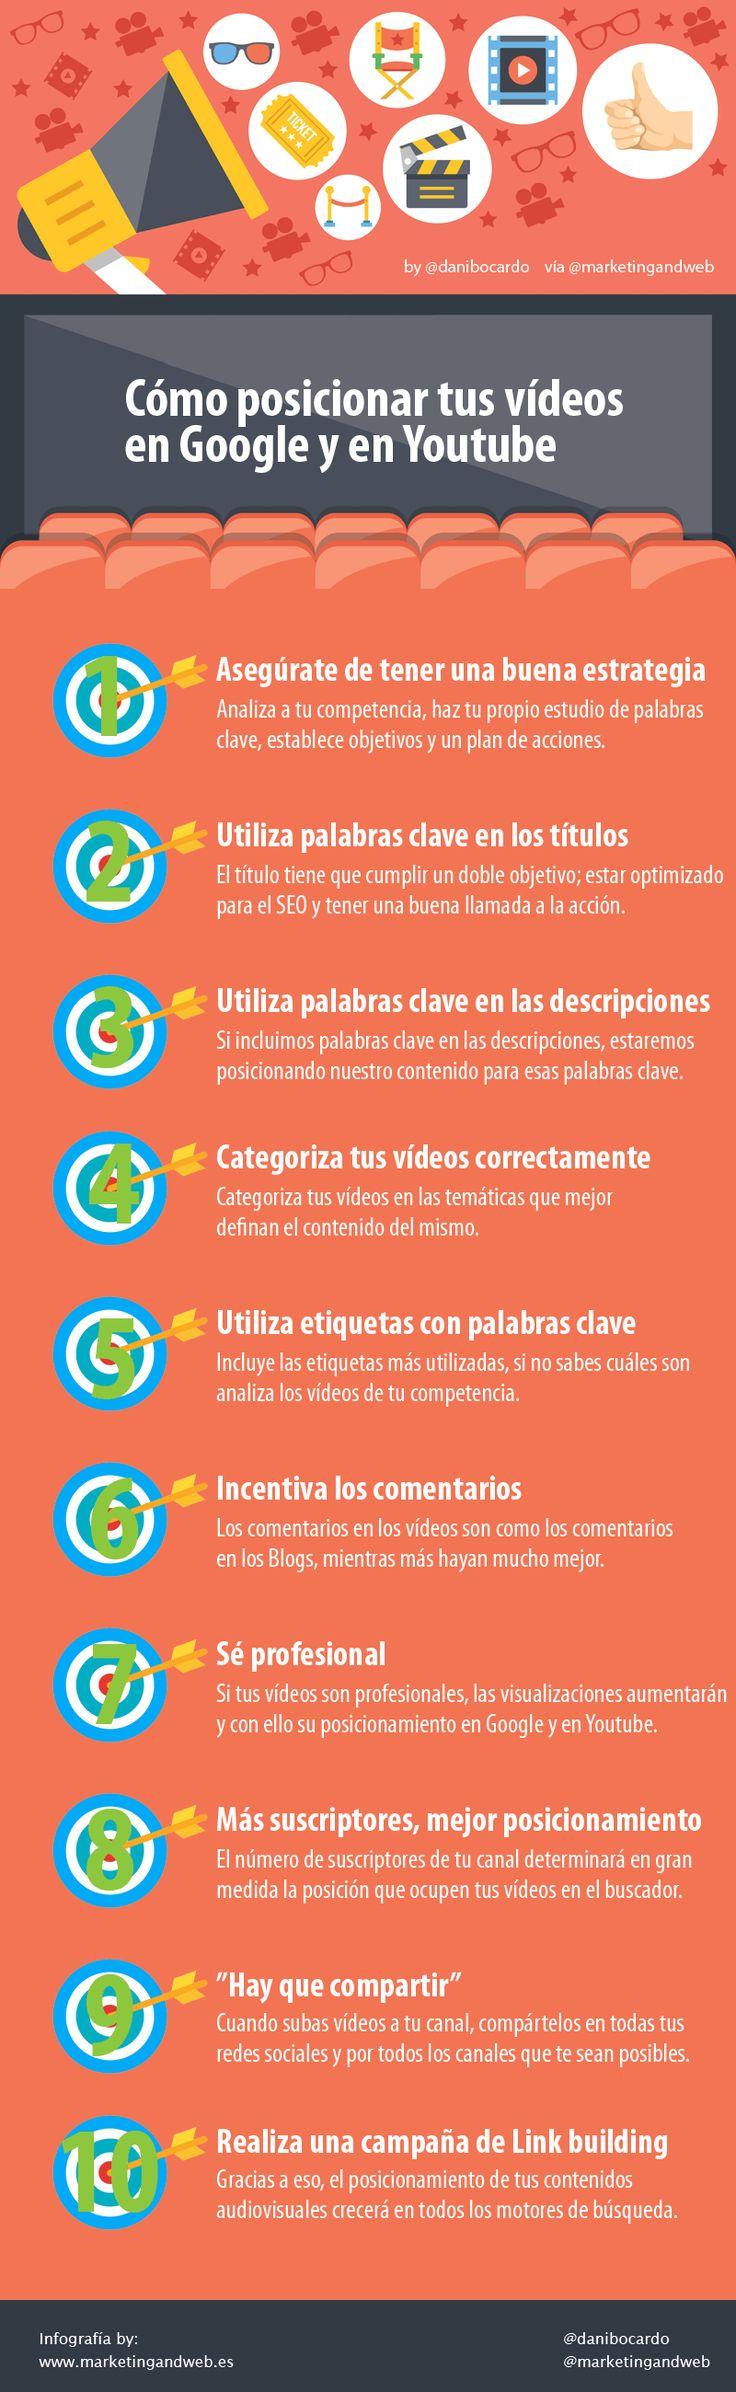 Cómo posicionar tus vídeos en YouTube y Google #infografia #infographic #seo